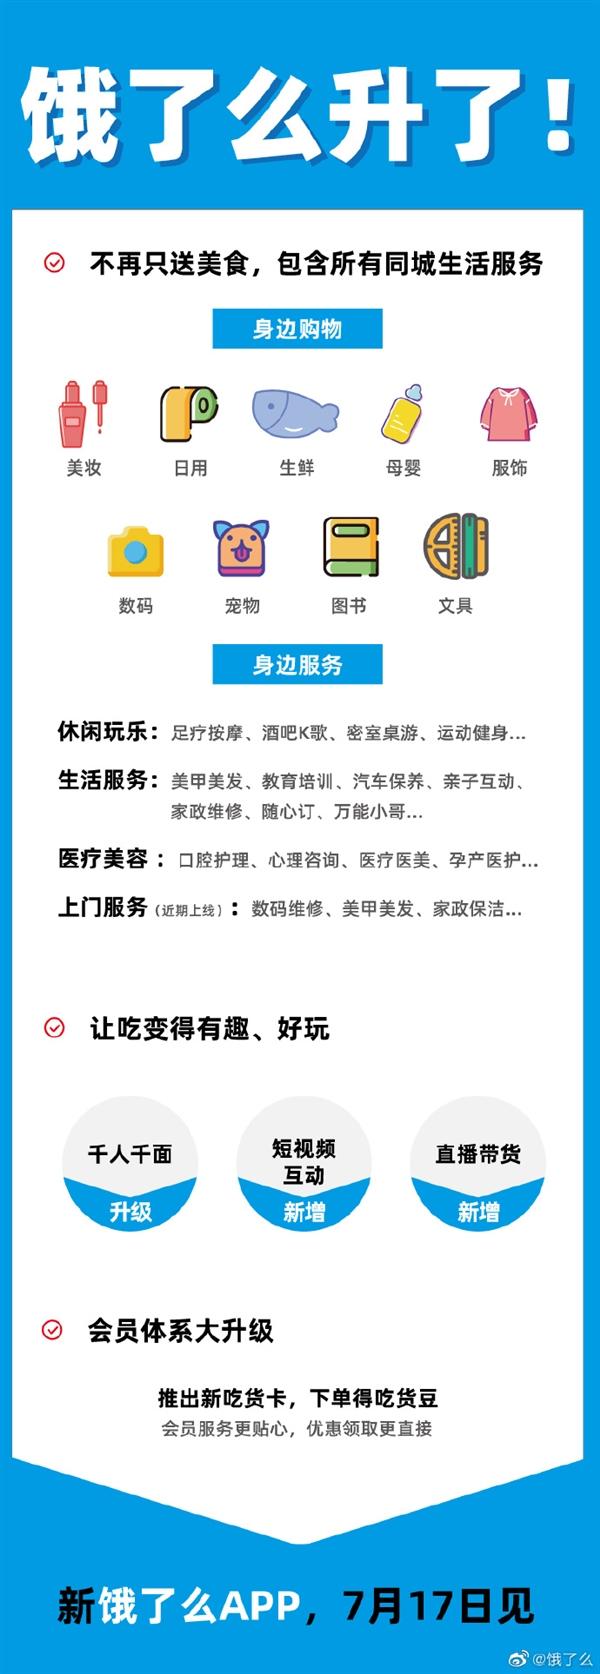 """饿了么宣布周详升级:APP上线崭新""""吃货卡"""""""